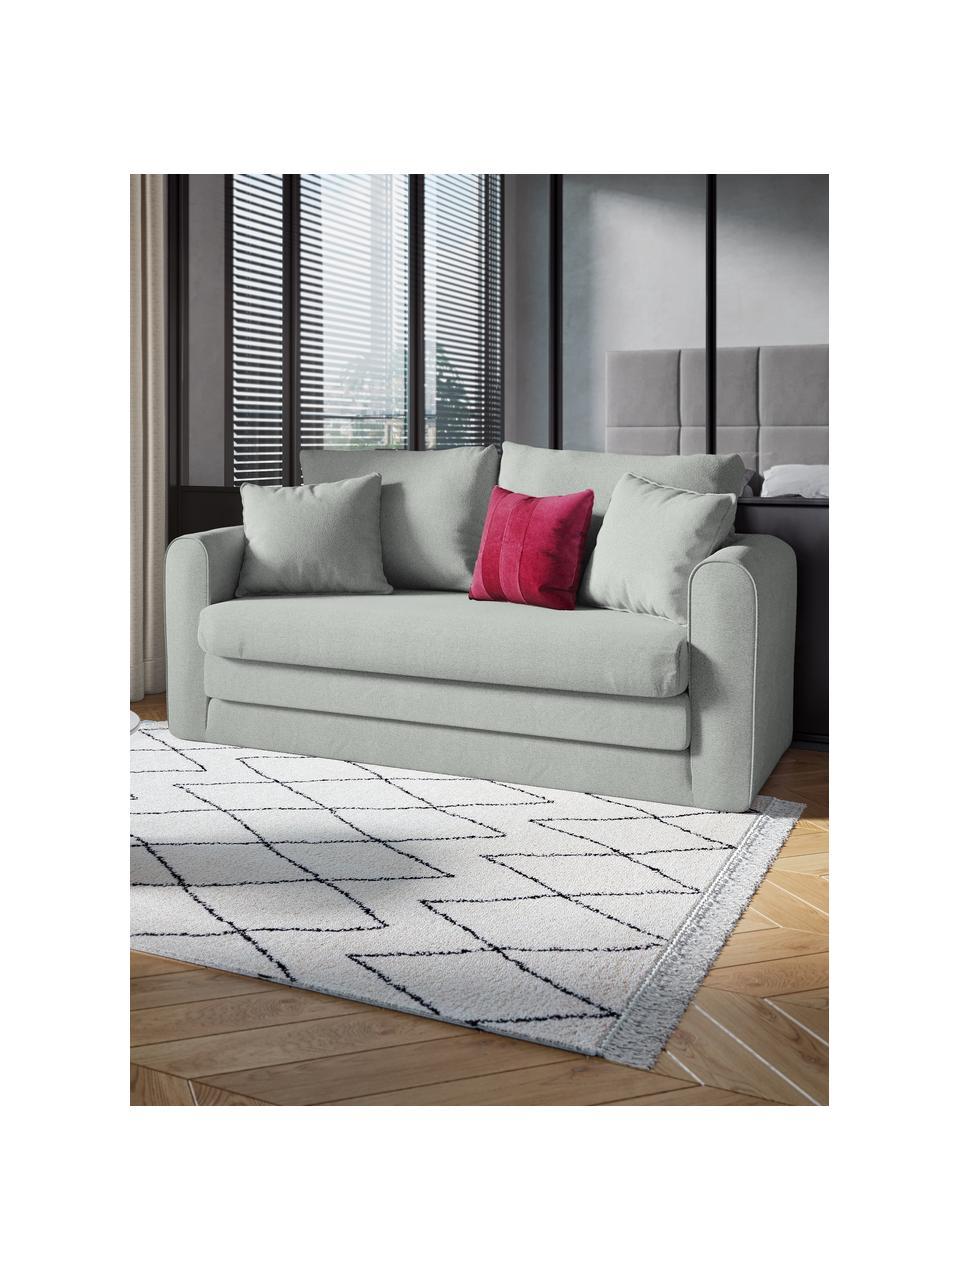 Divano letto 2 posti in tessuto grigio chiaro Lido, Azzurro, Larg. 158 x Alt. 69 cm